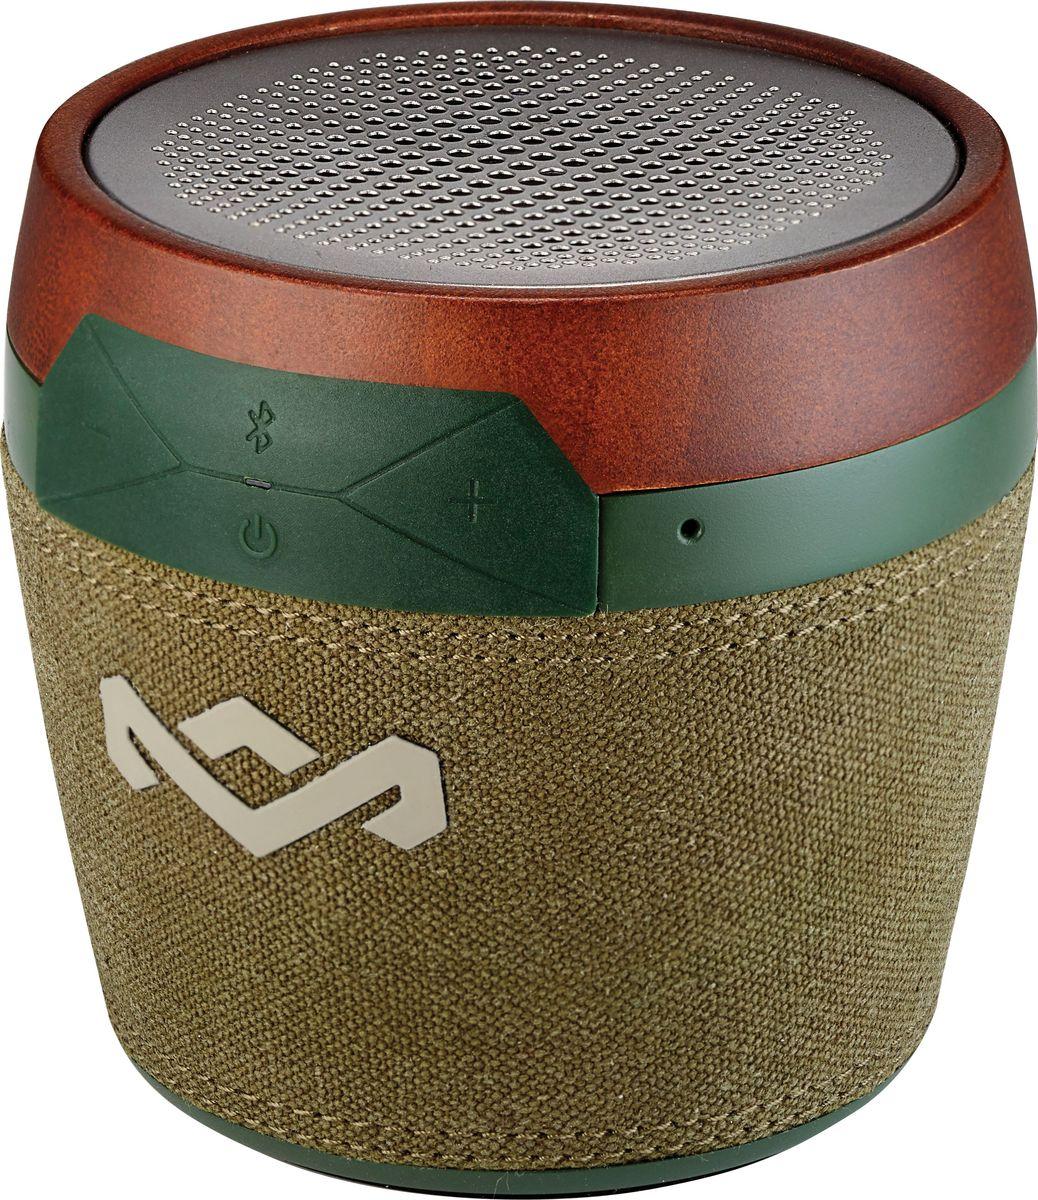 House of Marley Chant Mini, Green портативная акустическая системаEM-JA007-GRПродукция бренда Marley отличается особым шармом, благодаря дизайнерскому стилю и использованию натуральных материалов. Портативная Bluetooth акустика Chant Mini не исключение. Миниатюрная колонка напоминает своим дизайном африканский там-тамчик. Chant Mini сопрягается со всеми мобильными устройствами, поддерживающими Bluetooth. Также возможно и проводное подключение через стандартный аудио разъем. Динамик акустики будет радовать вас ярким, мощным и сочным звучанием. Аккумулятор обеспечивает до 6ч работы без подзарядки. К тому же, встроенный микрофон позволяет использовать колонку в качестве устройства громкой связи. Помимо всего прочего, колонку возможно прикрепить к одежде или рюкзаку с помощью карабина, который входит в комплектацию. И даже, если пойдет небольшой дождь, колонка выдержит и это испытание, так как обладает степенью защиты IPX4.Функциональные особенности: Защита от водяных брызг (IPX4). Встроенный микрофон. Выход на наушники. Материал корпуса: Бамбук, ткань Rewind, пластик, перфорированный аллюминий. Комплектация: Портативная колонка, карабин, кабель USB, инструкция. Размеры, мм: 90 x 85 x 90. Размер упаковки (ДхШхВ), см: 11 x 11 x 14. Вес, г: 280. Вес в упаковке, г: 384.